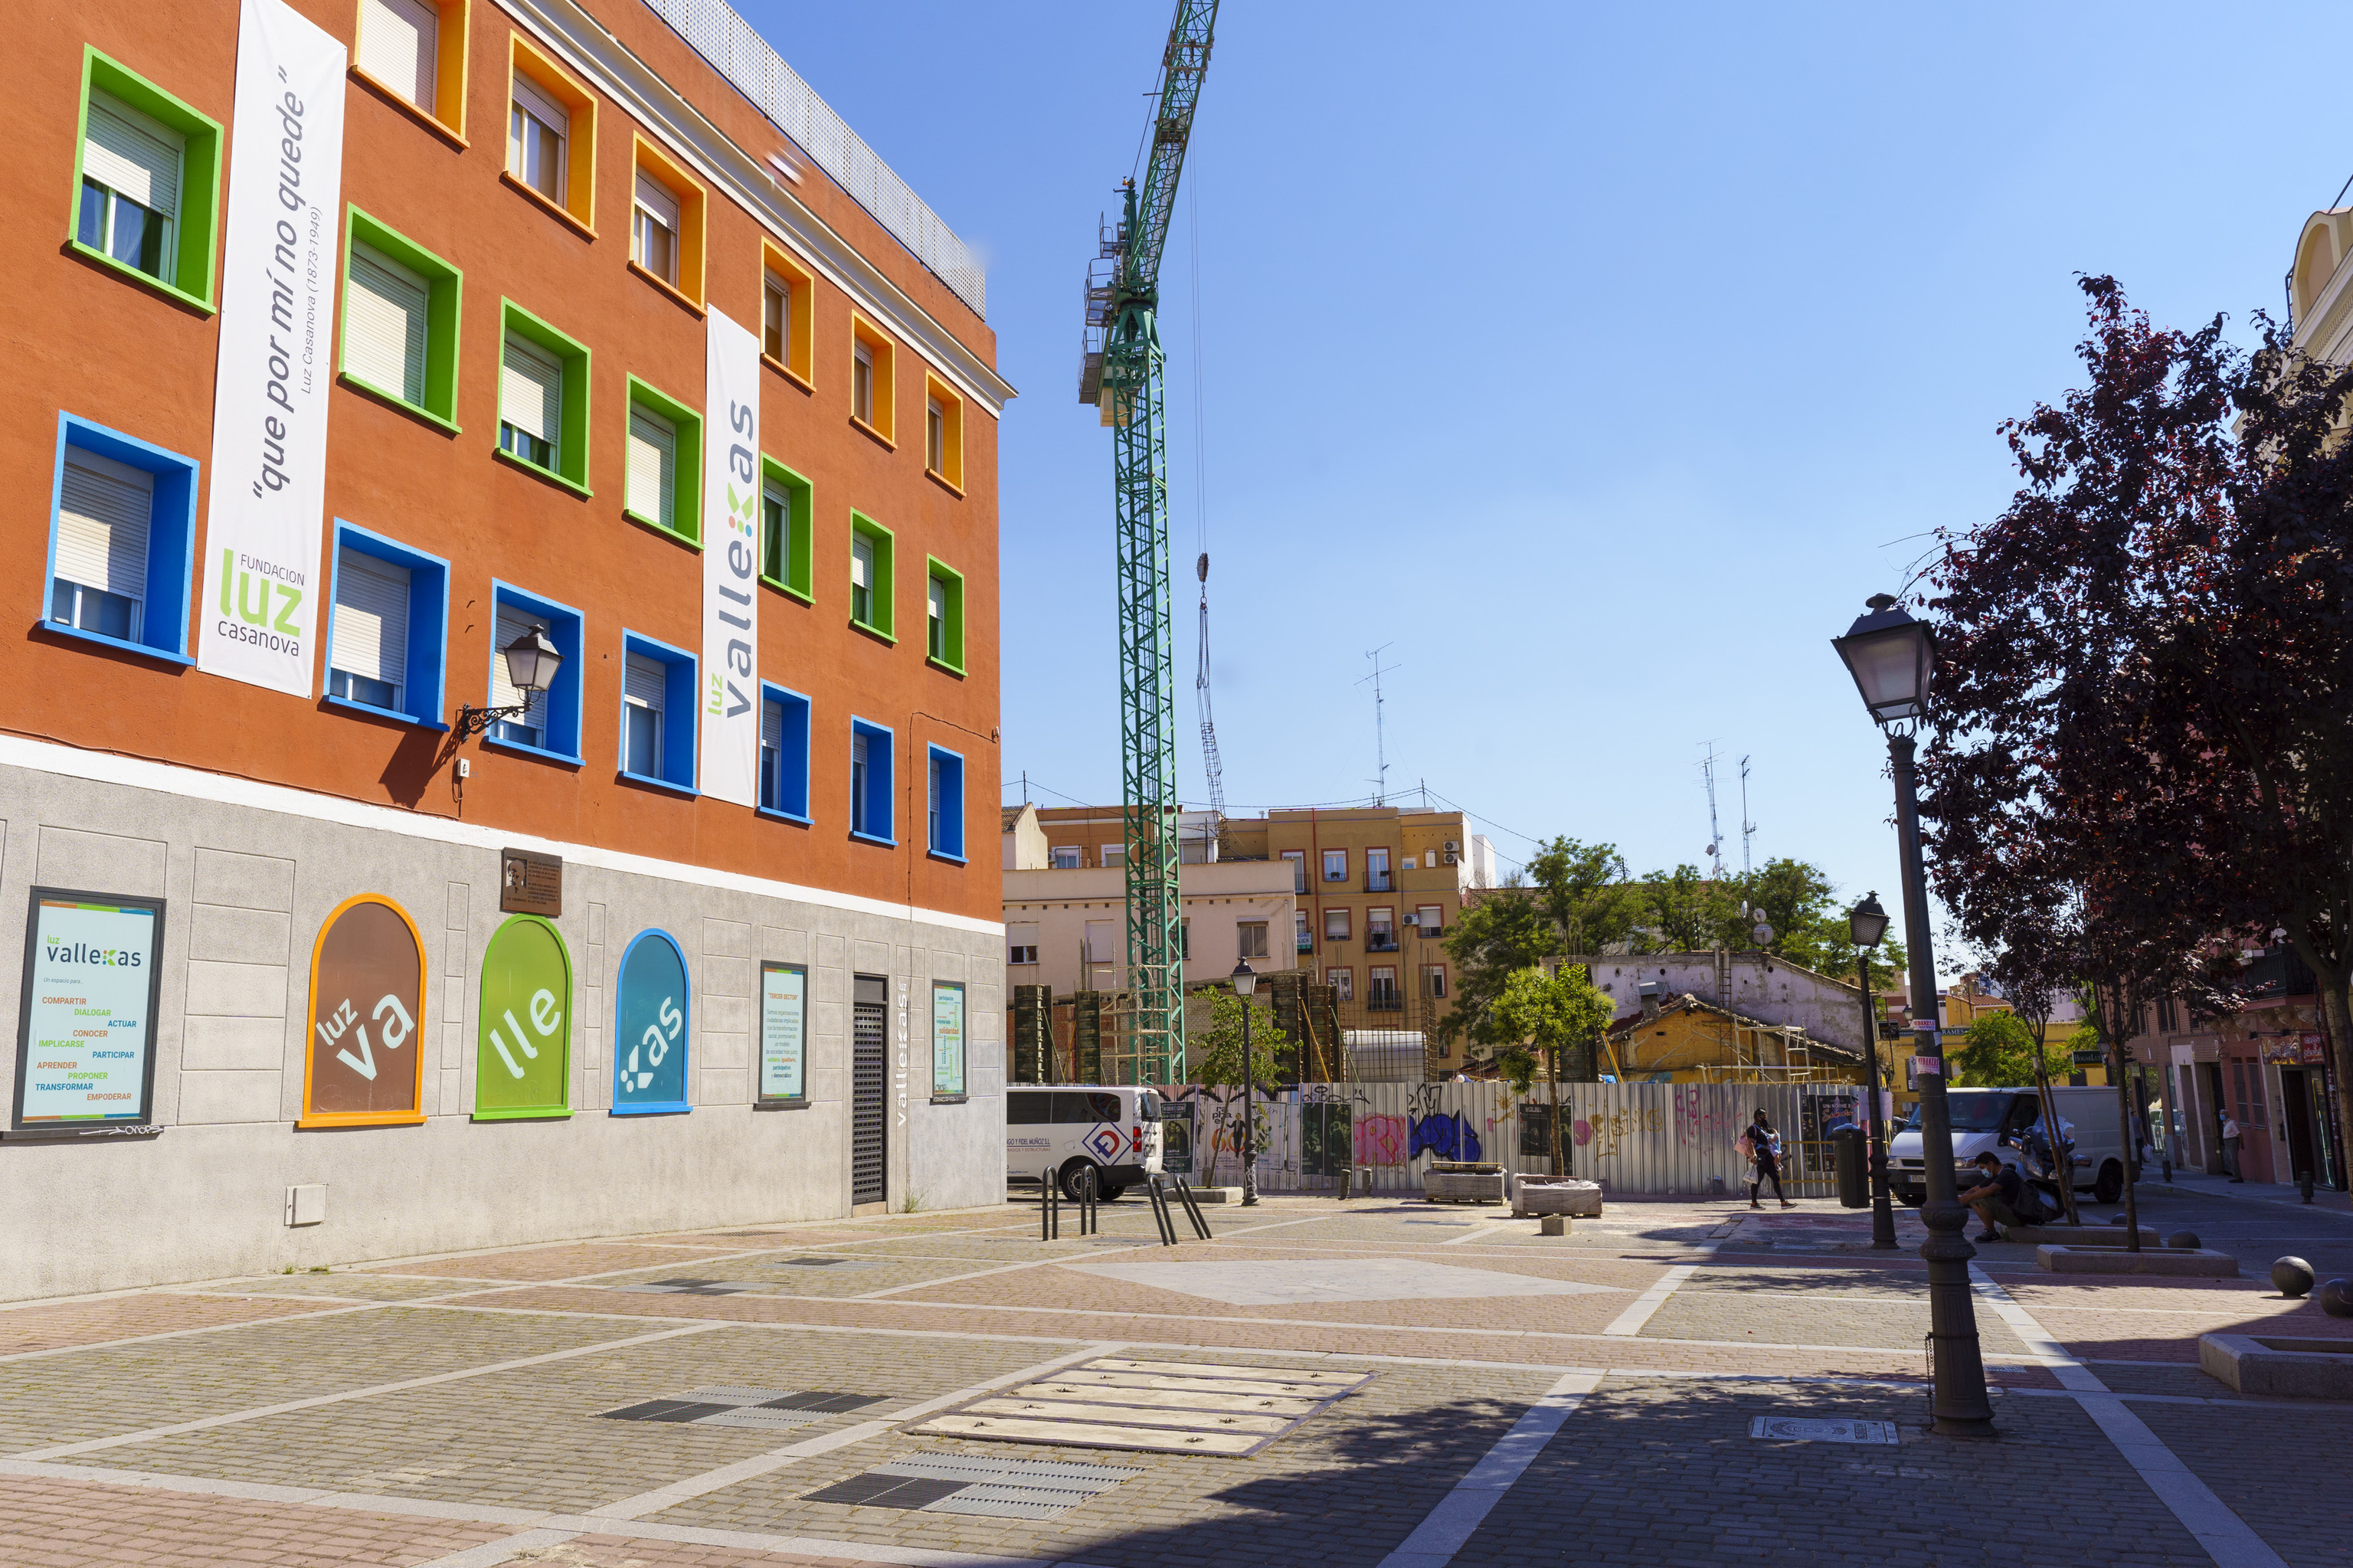 Promoción de viviendas en construcción en Puente de Vallecas.